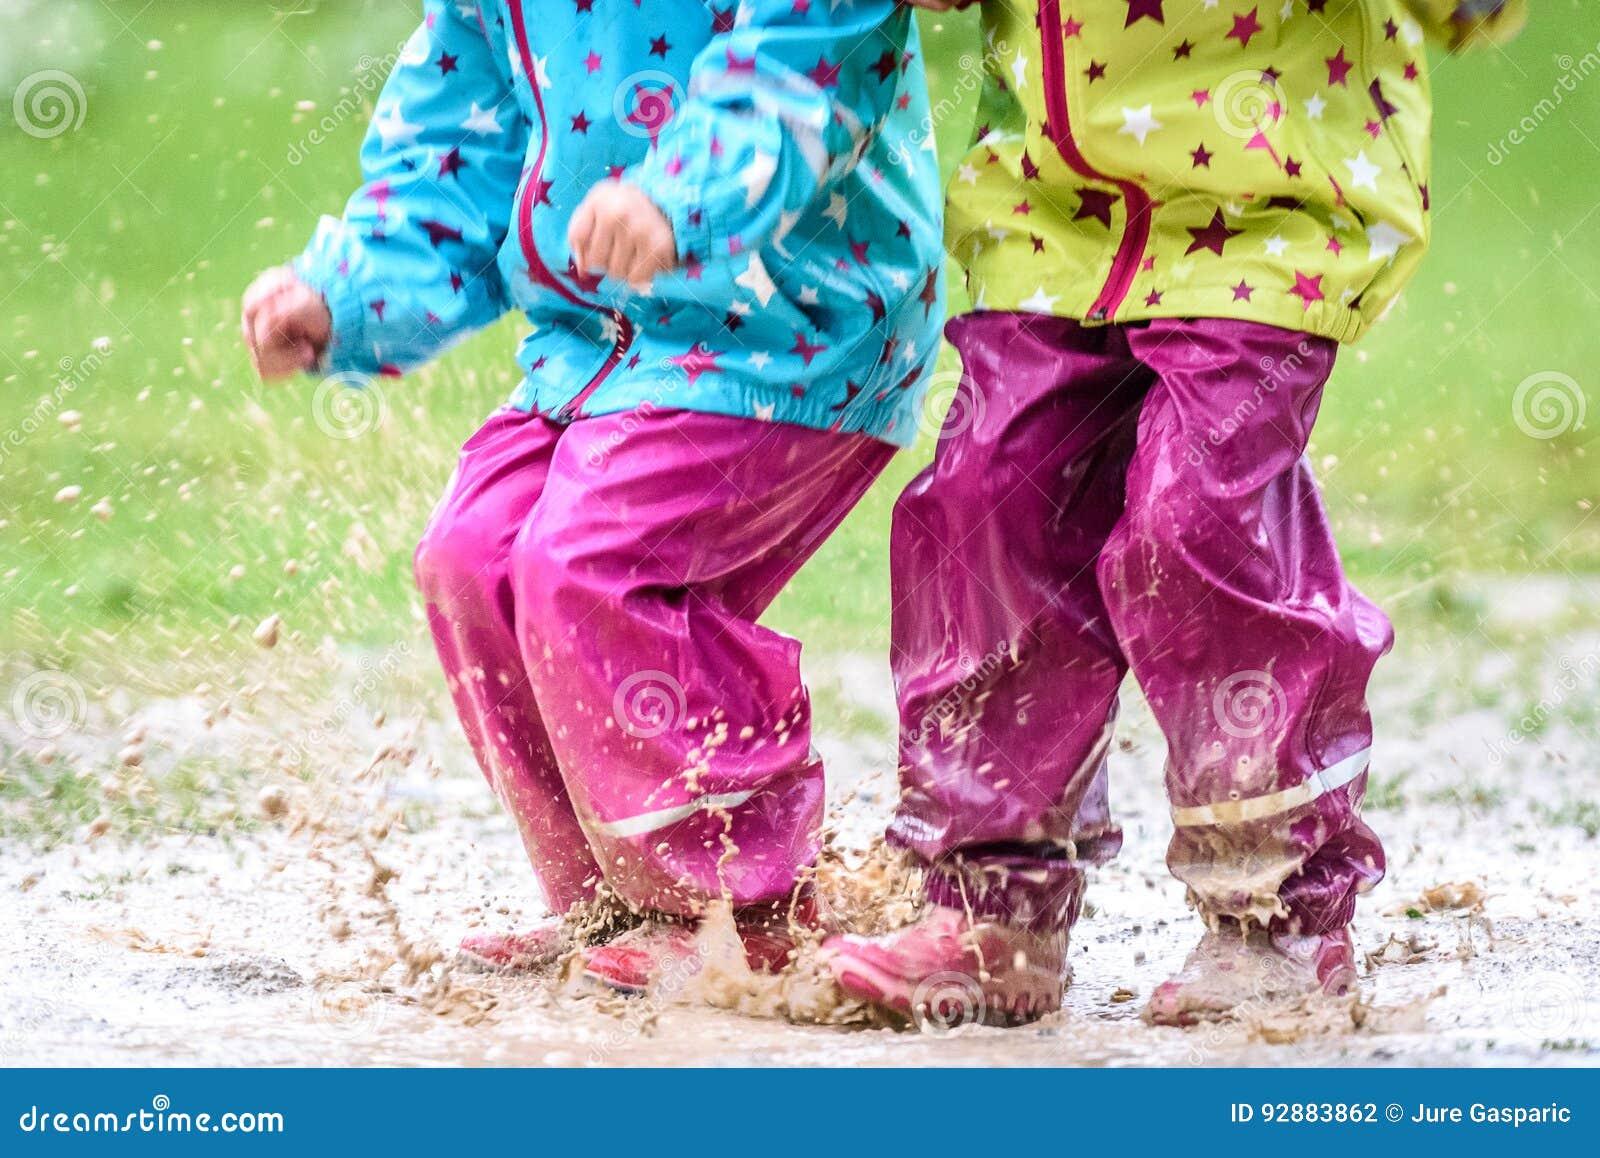 regnkläder barn